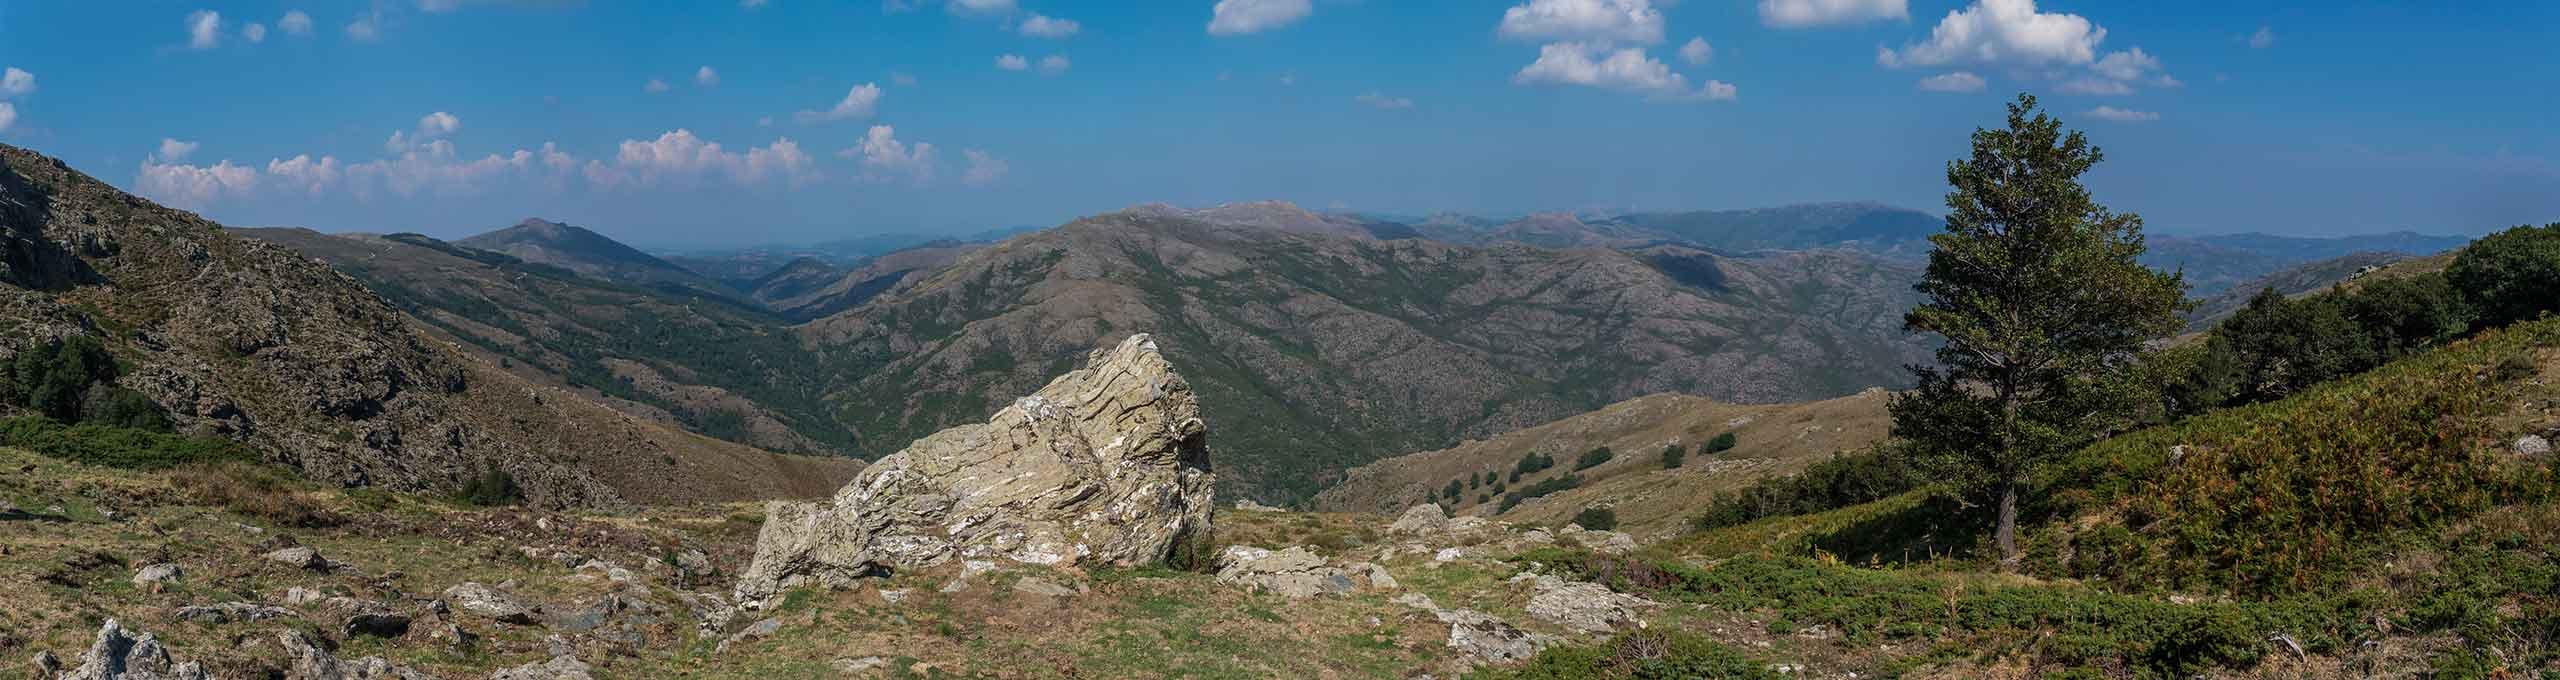 Marmora, Valli Grana e Maira